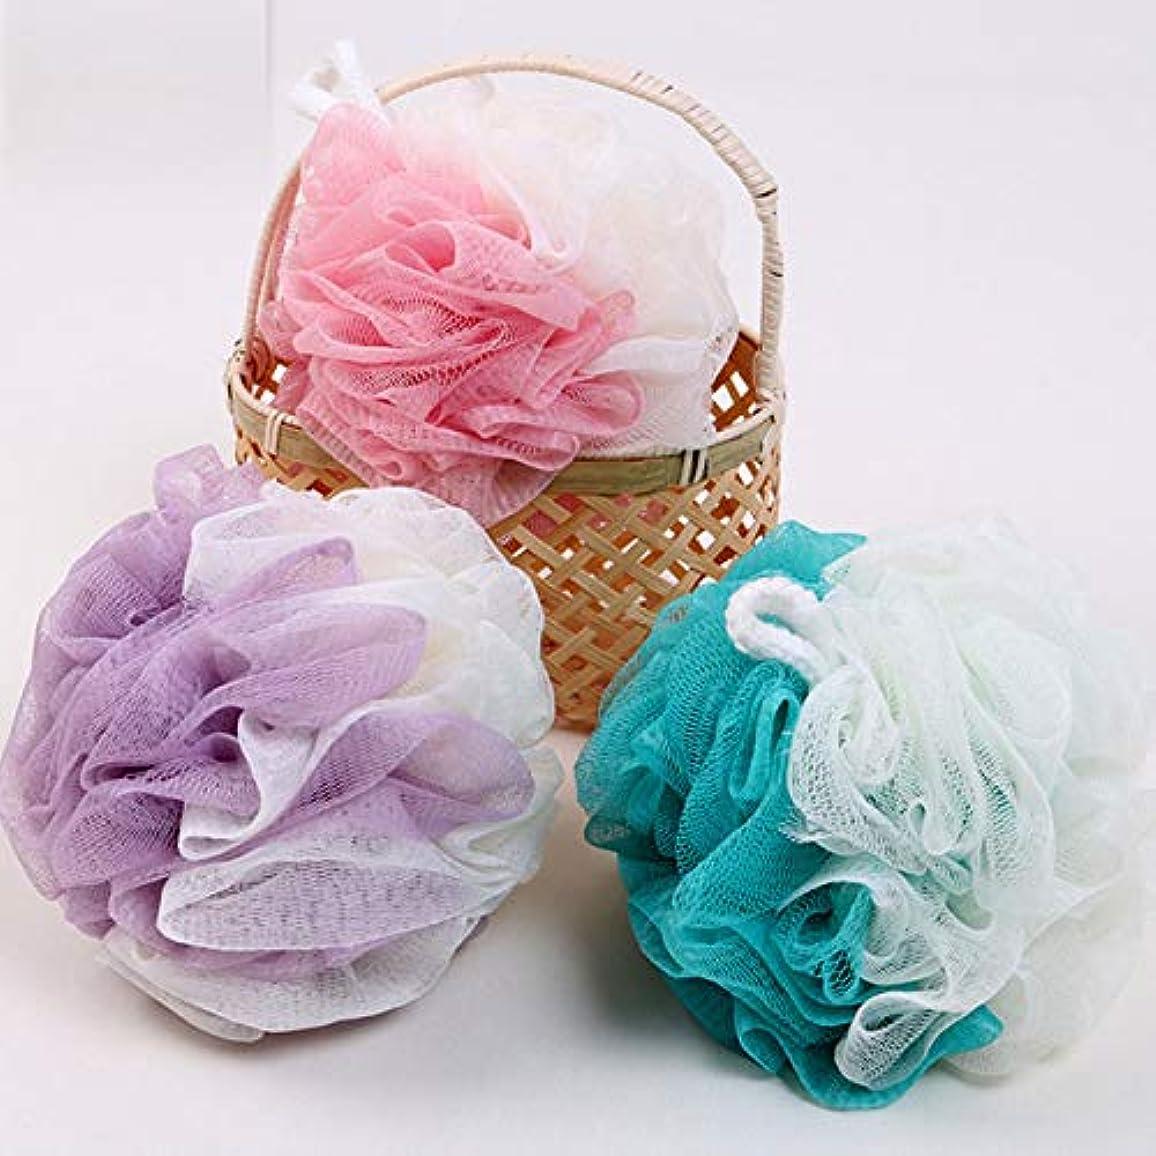 電子レンジ無駄シリアルボディウォッシュボール 泡立てネット スポンジ フラワーボール 超柔軟 シャワー用 風呂 浴室 3 個入 (3 個入, Pink + Purple + Blue)